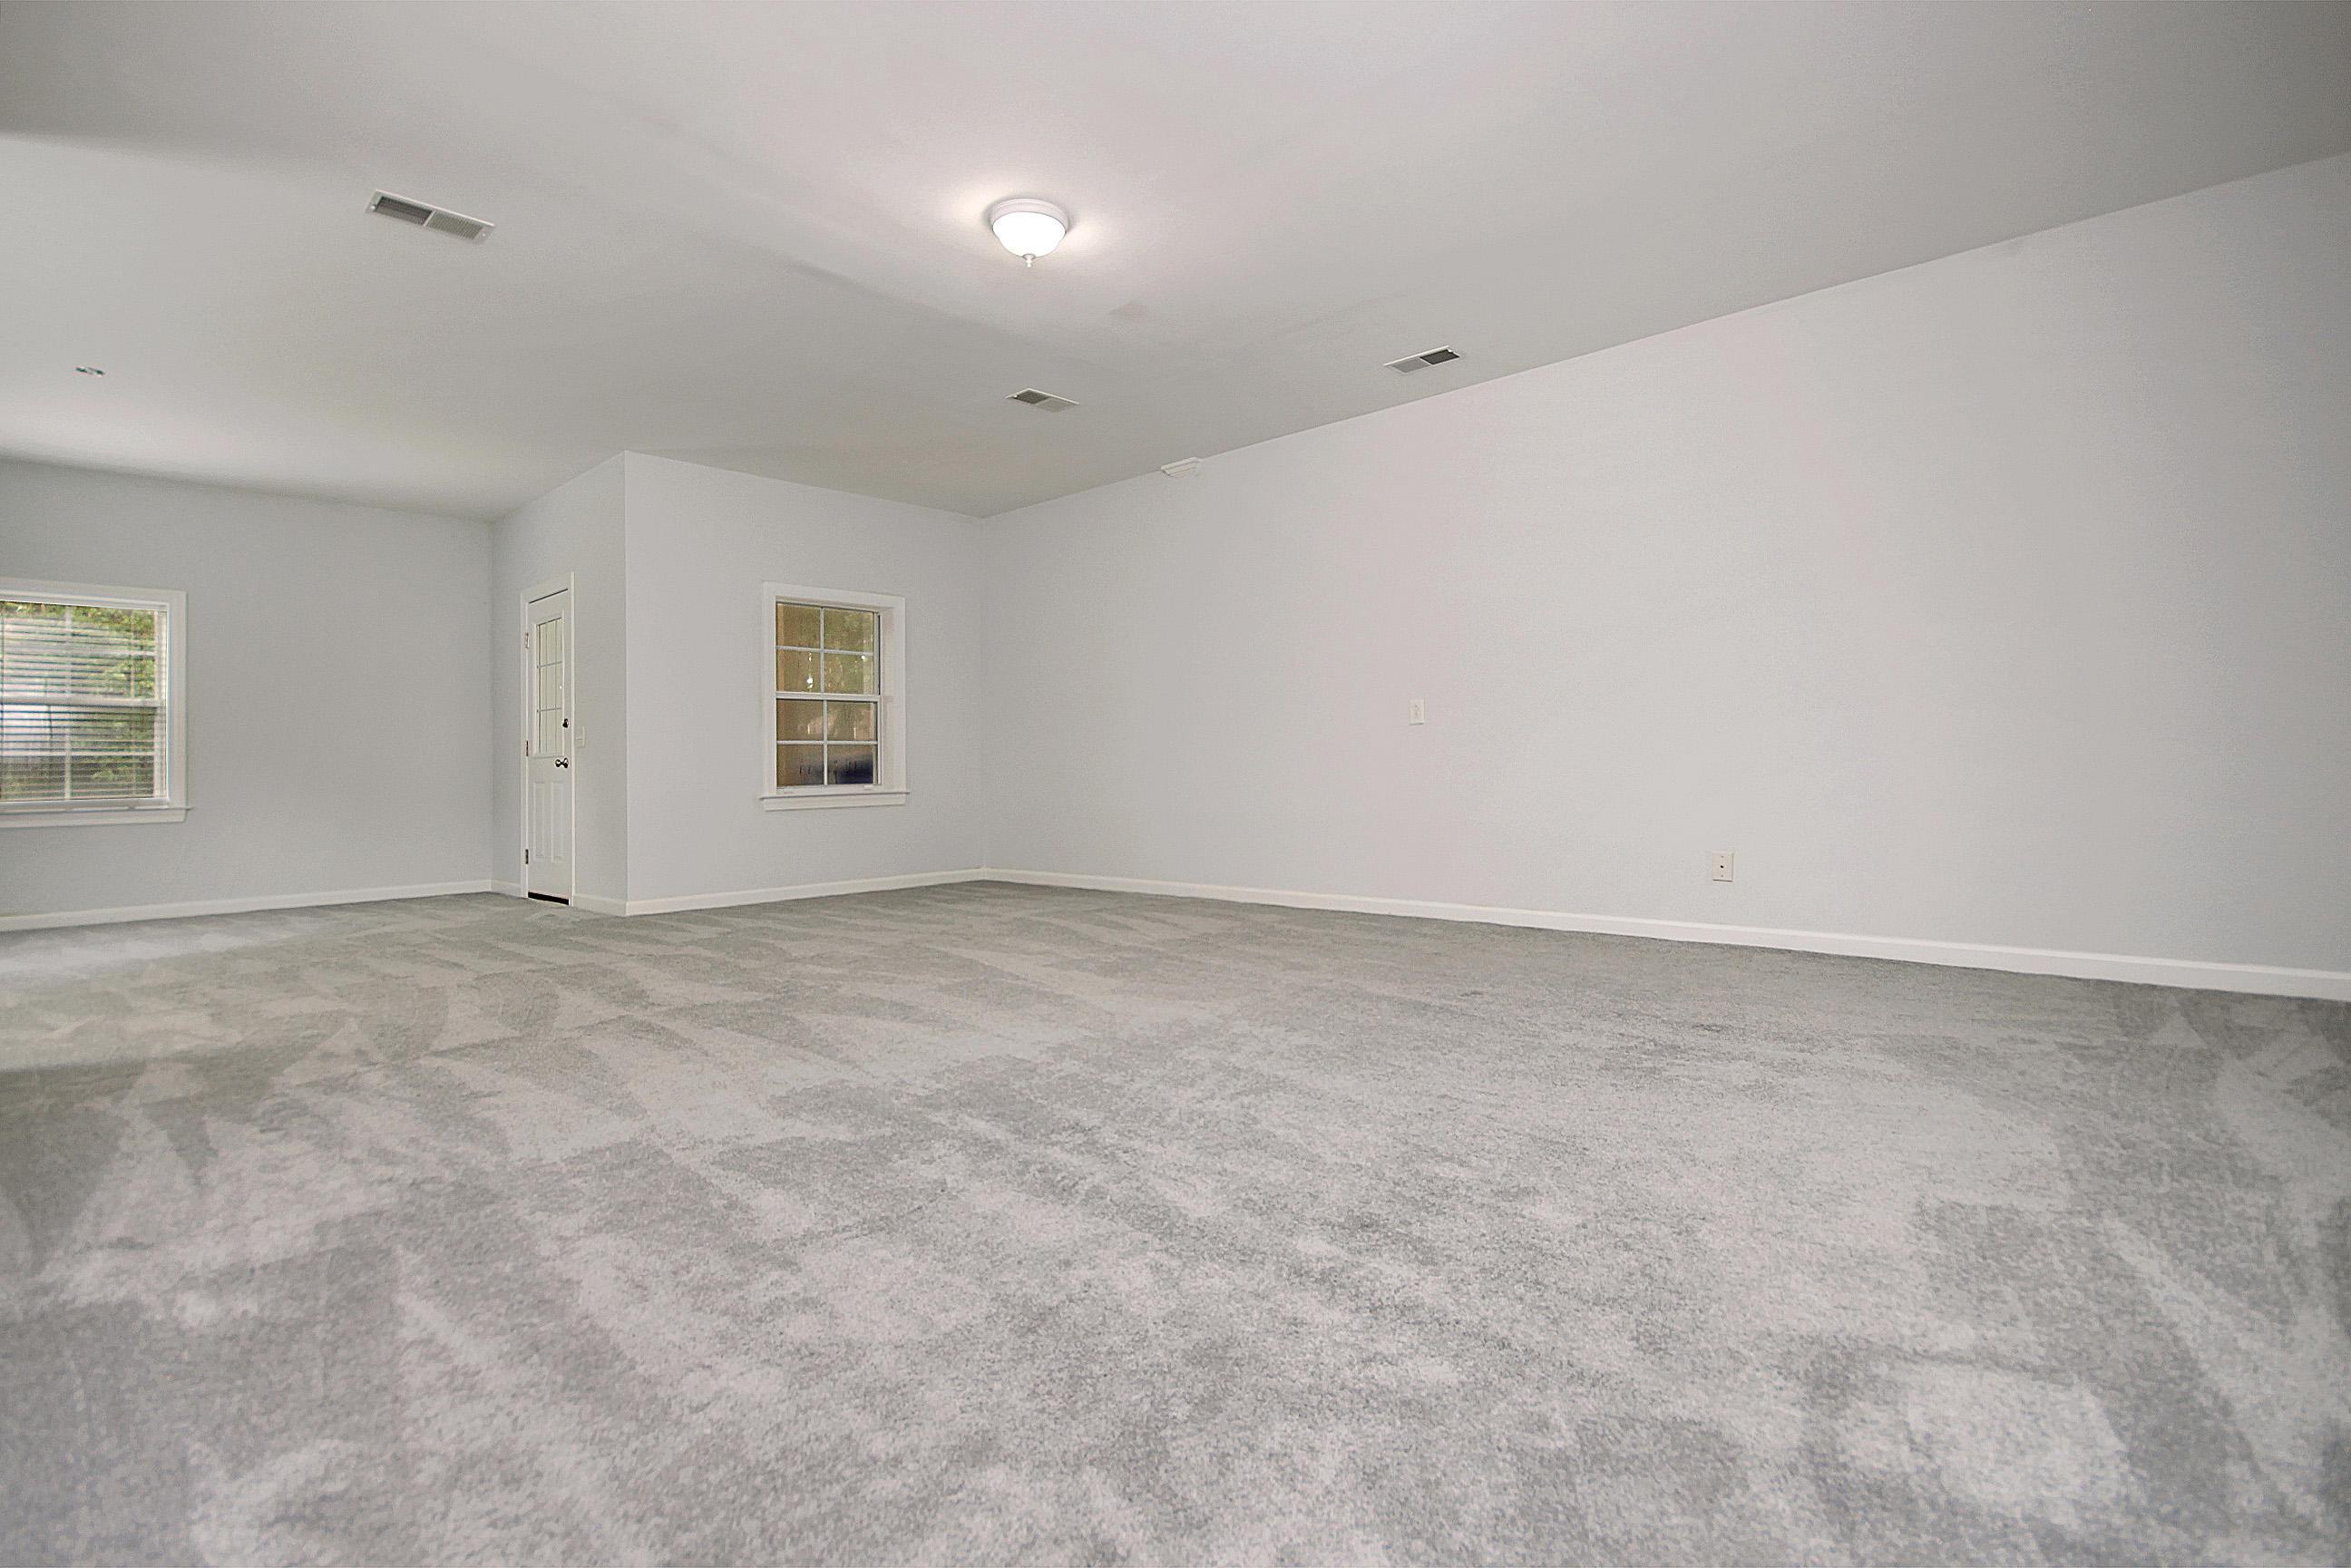 Dunes West Homes For Sale - 148 Palm Cove, Mount Pleasant, SC - 13